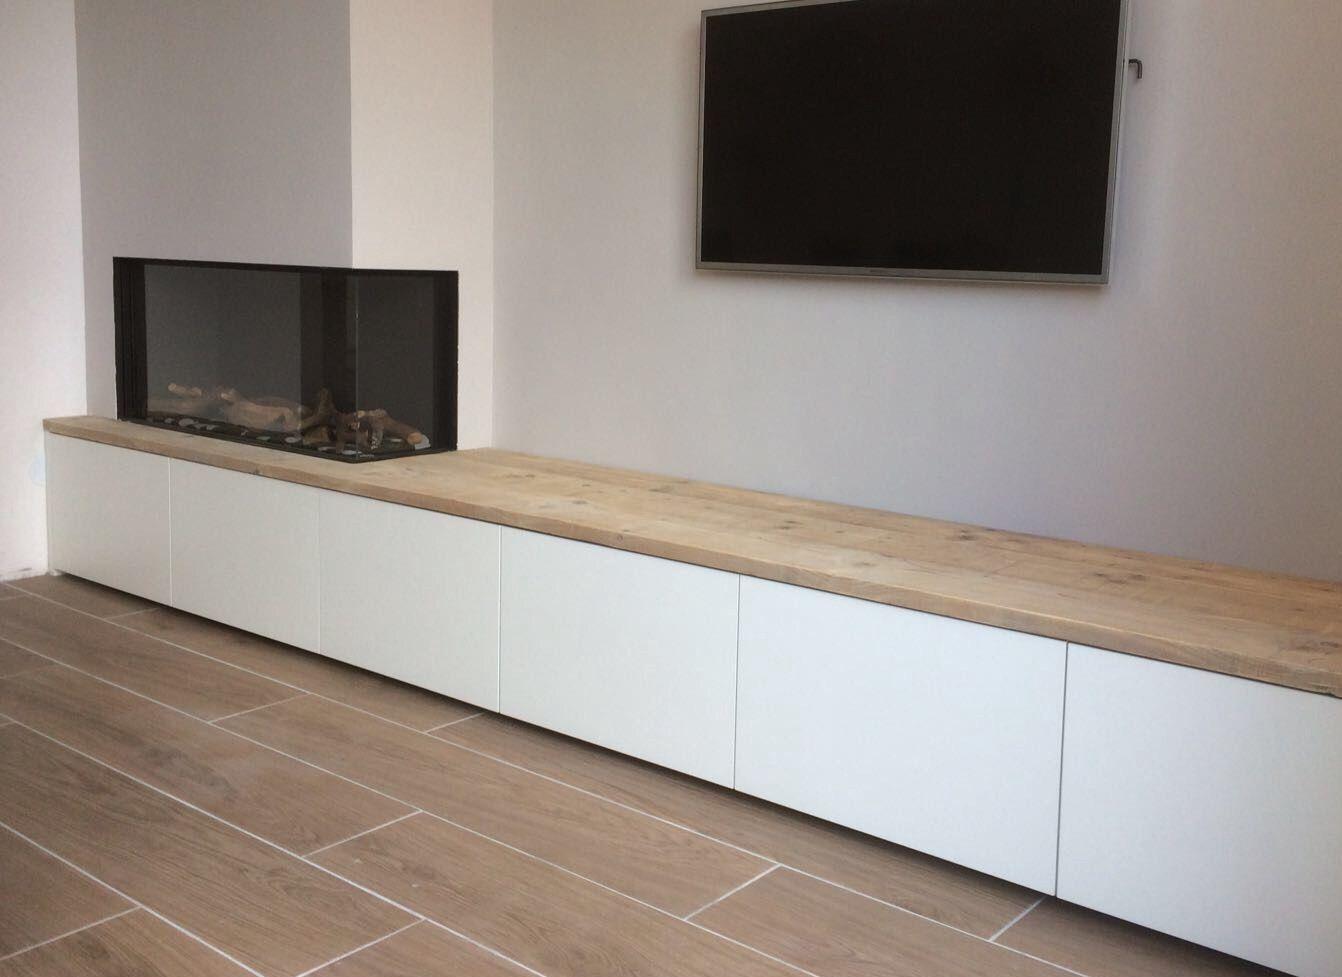 Tv Kast Nl : Maatwerk haard tv kast. ontwerp en realisatie www.meubelenmaatwerk